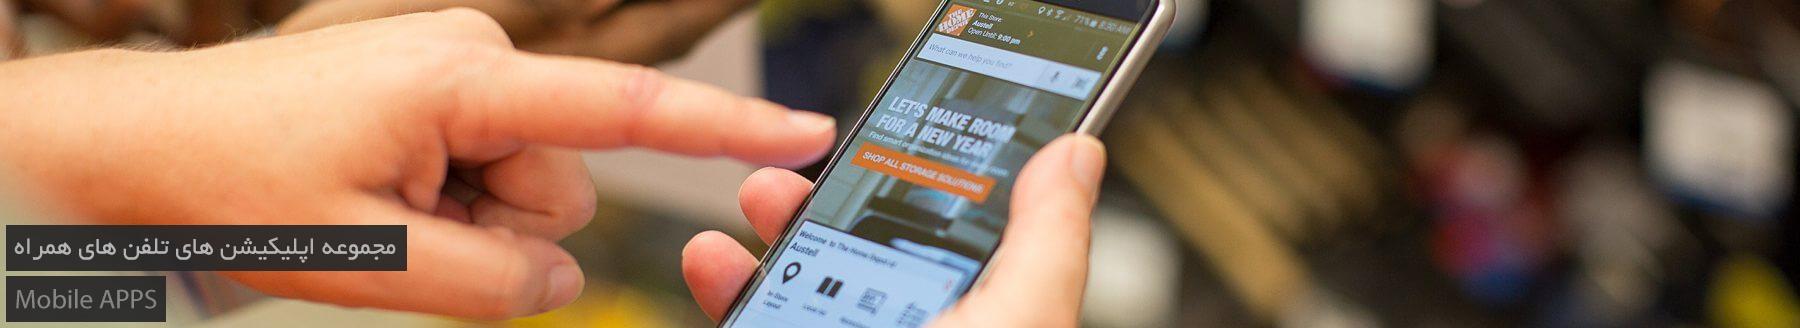 اپلیکیشن های تلفن همراه مربوط به خودرو Mobile APPs